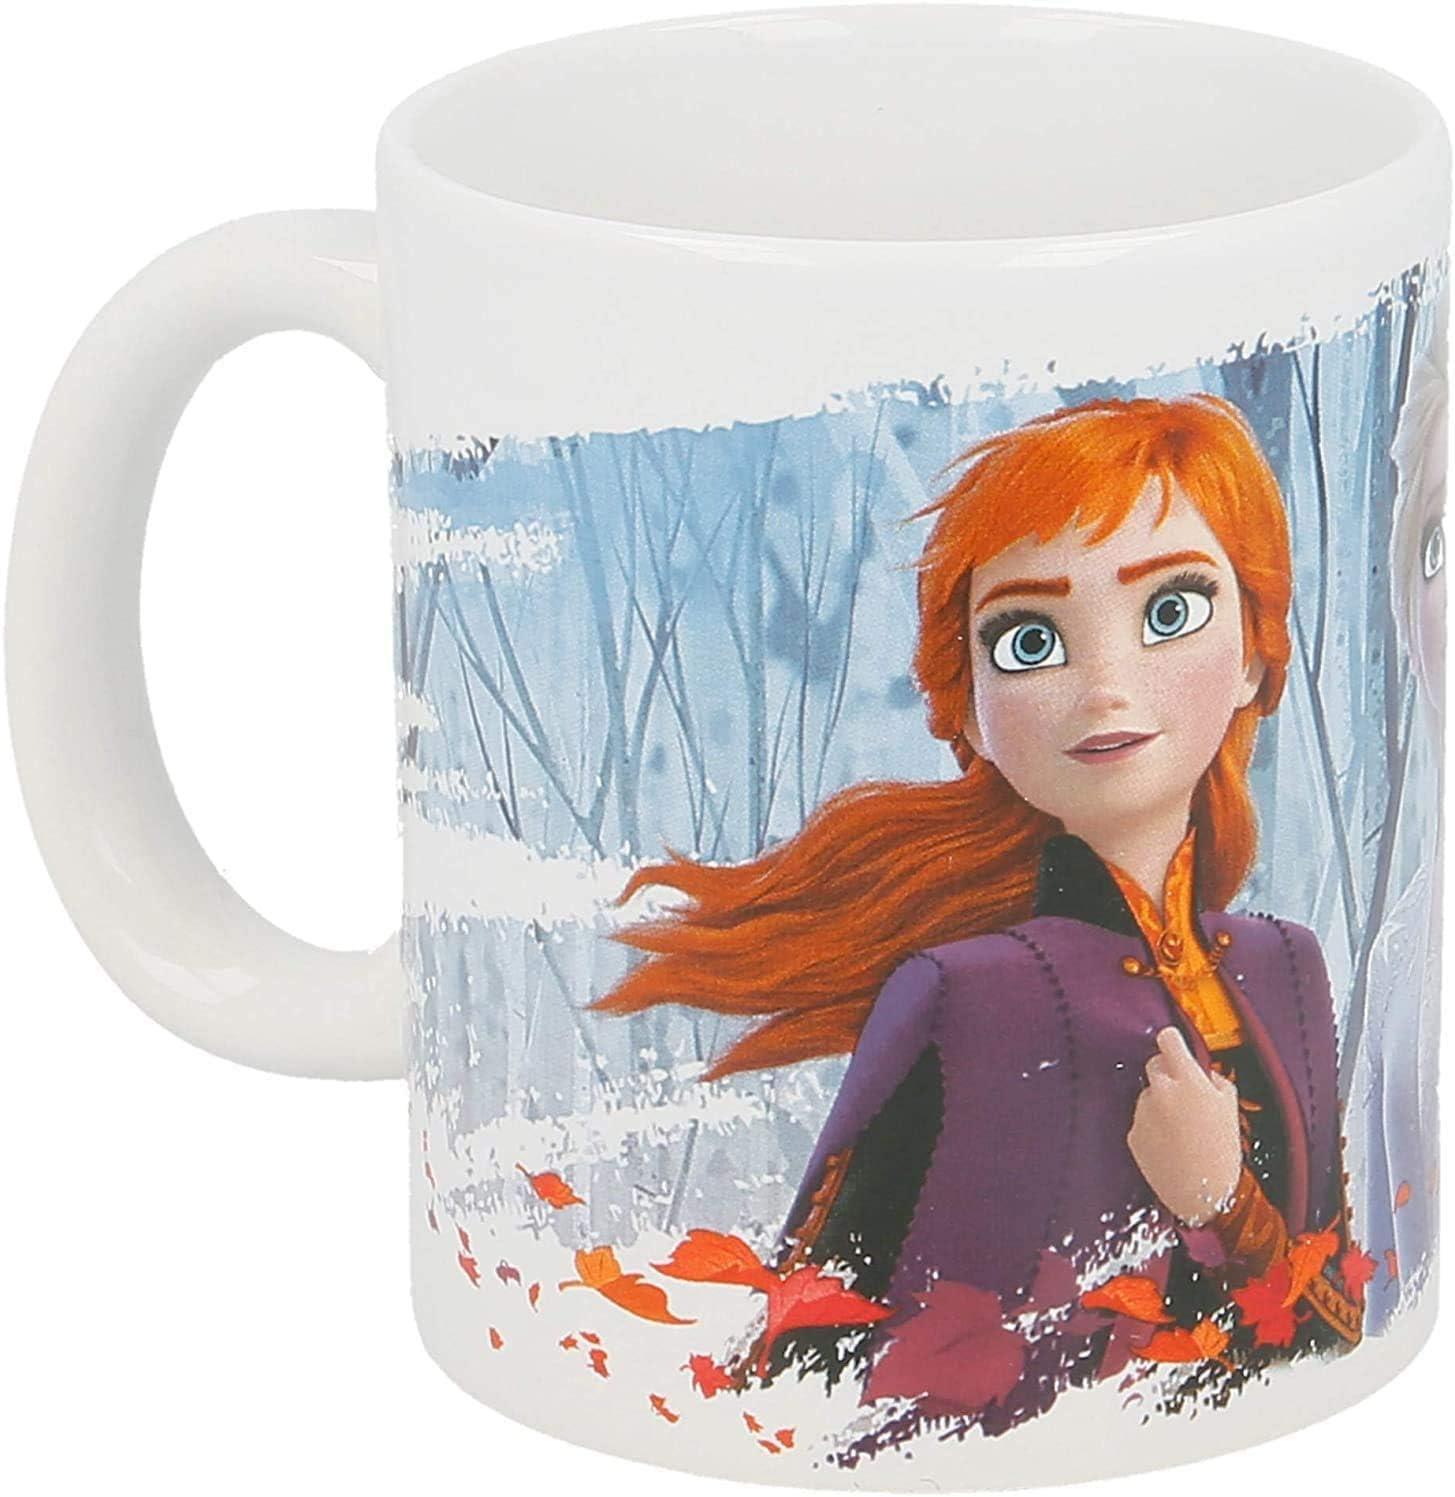 porcelana dise/ño de Olaf Frozen-Eisk/önigin Disney Taza